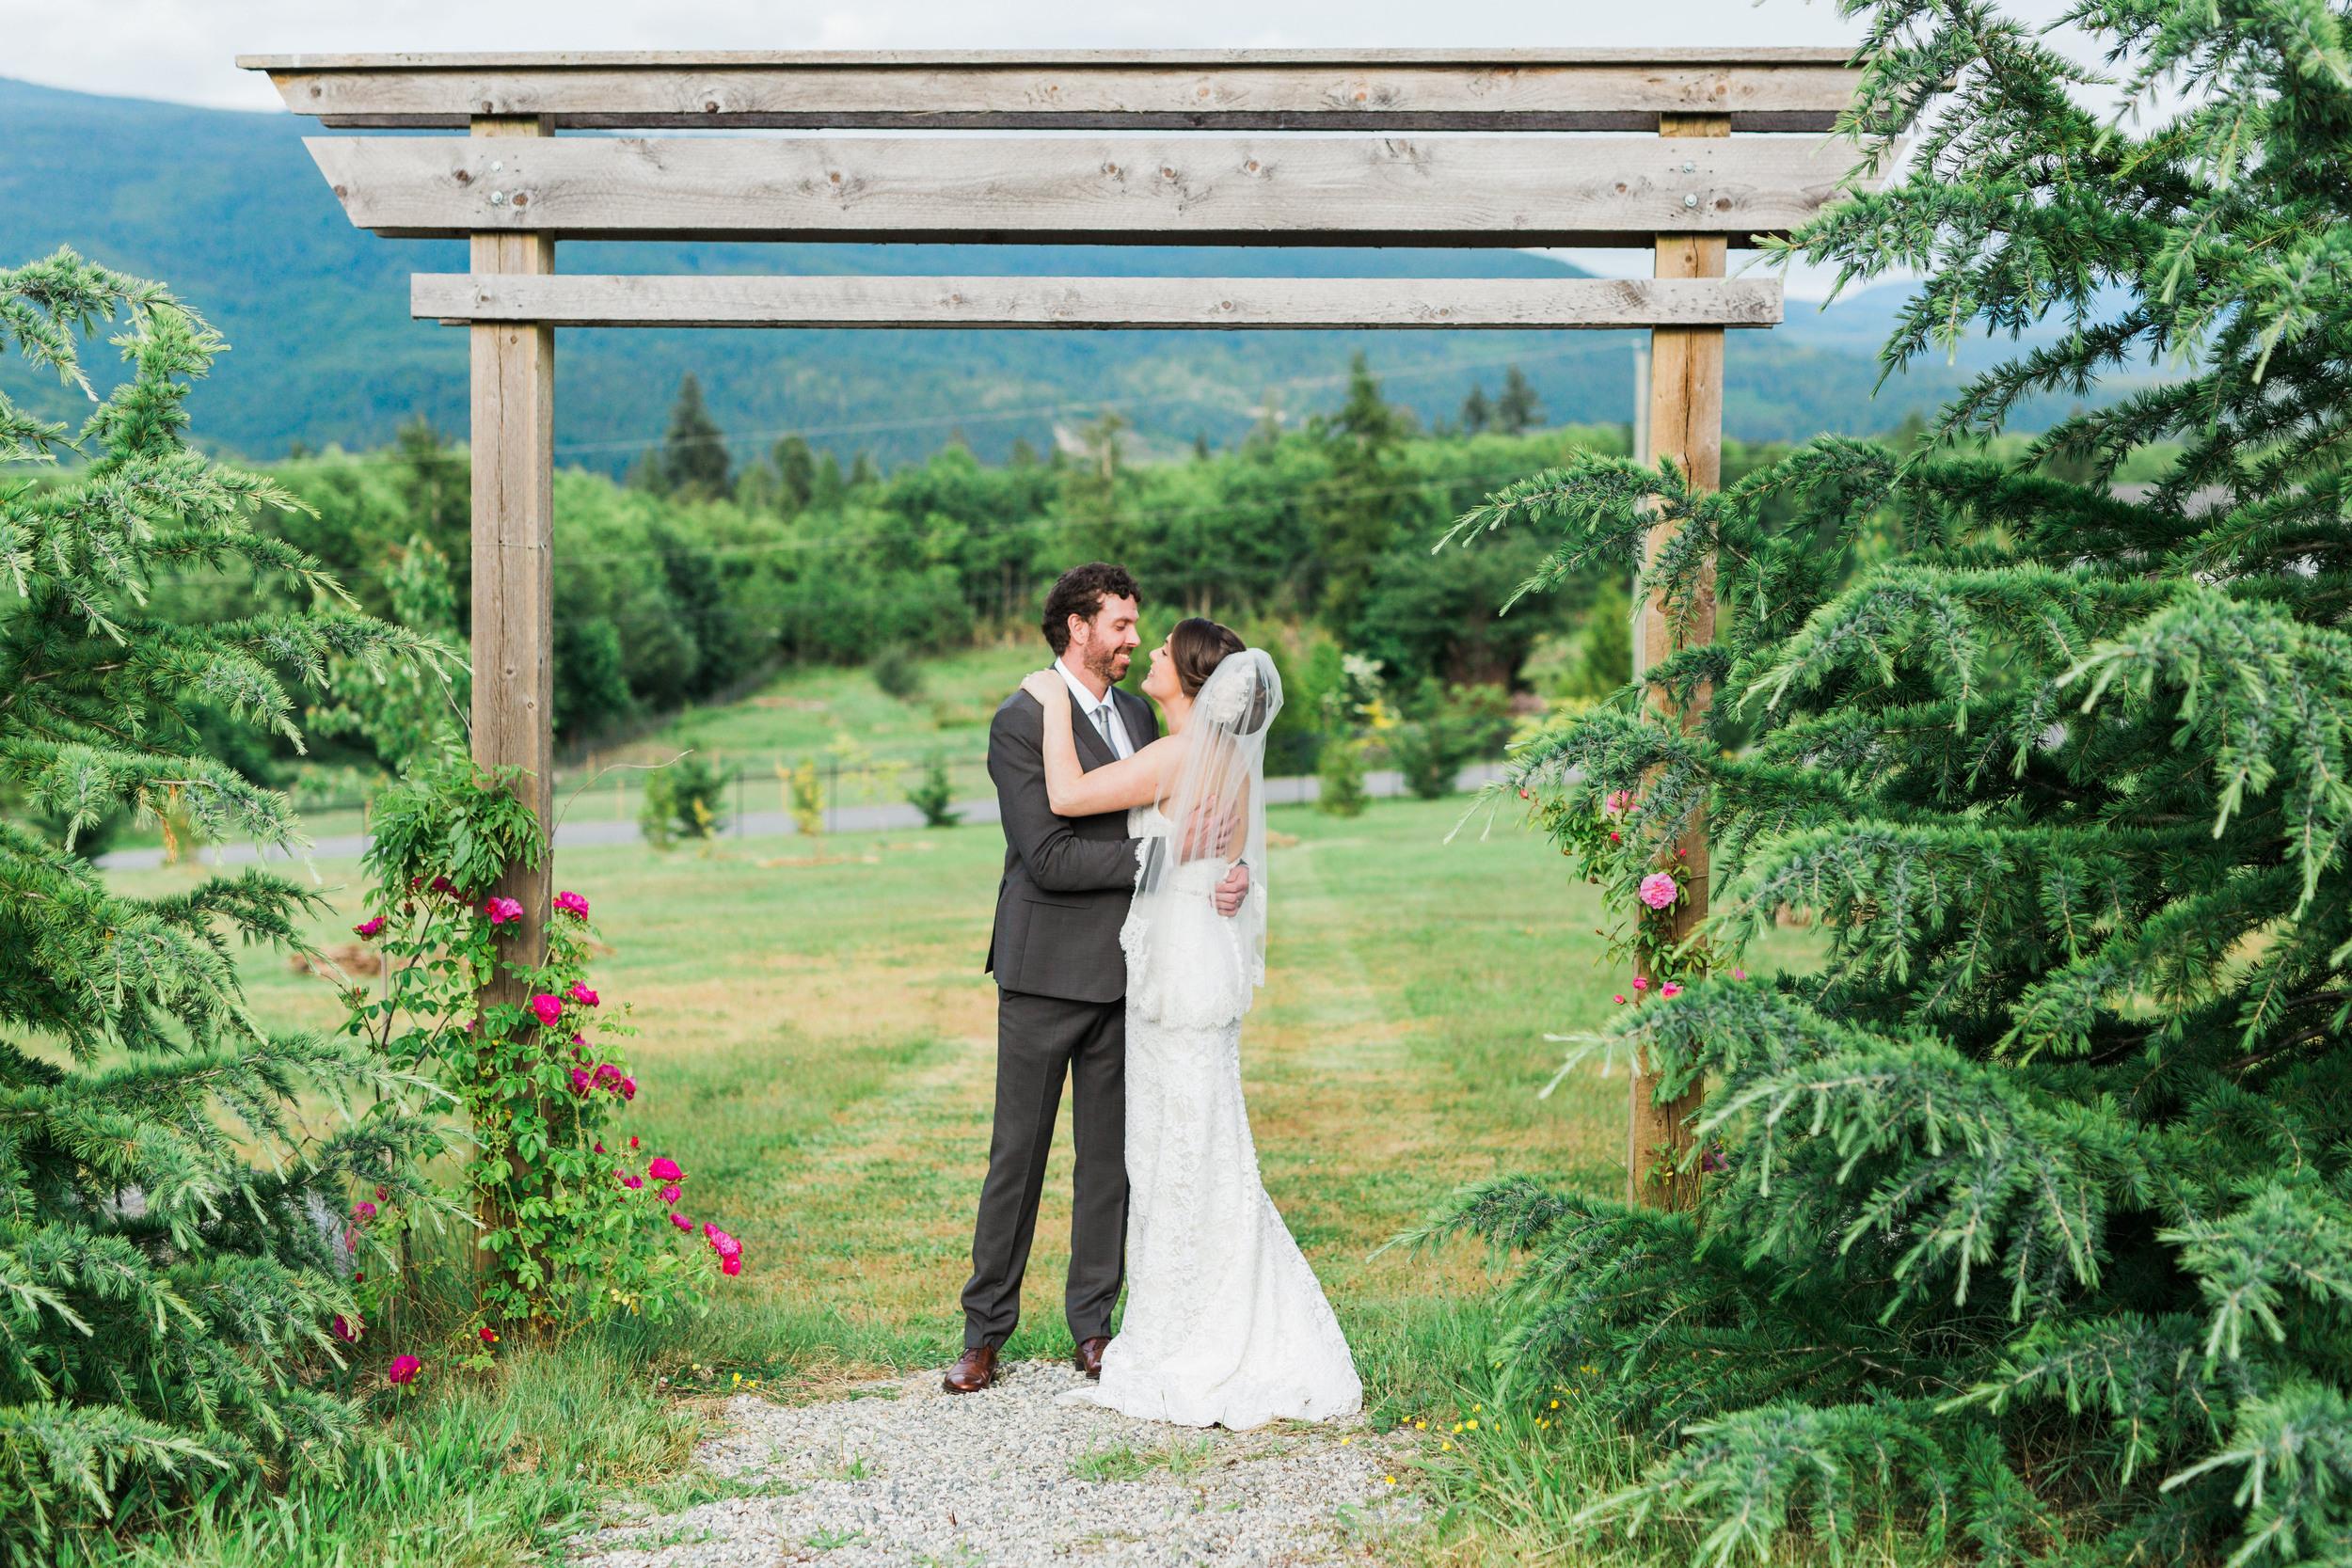 SunshineCoast-BC-Wedding-Photographer084.jpg